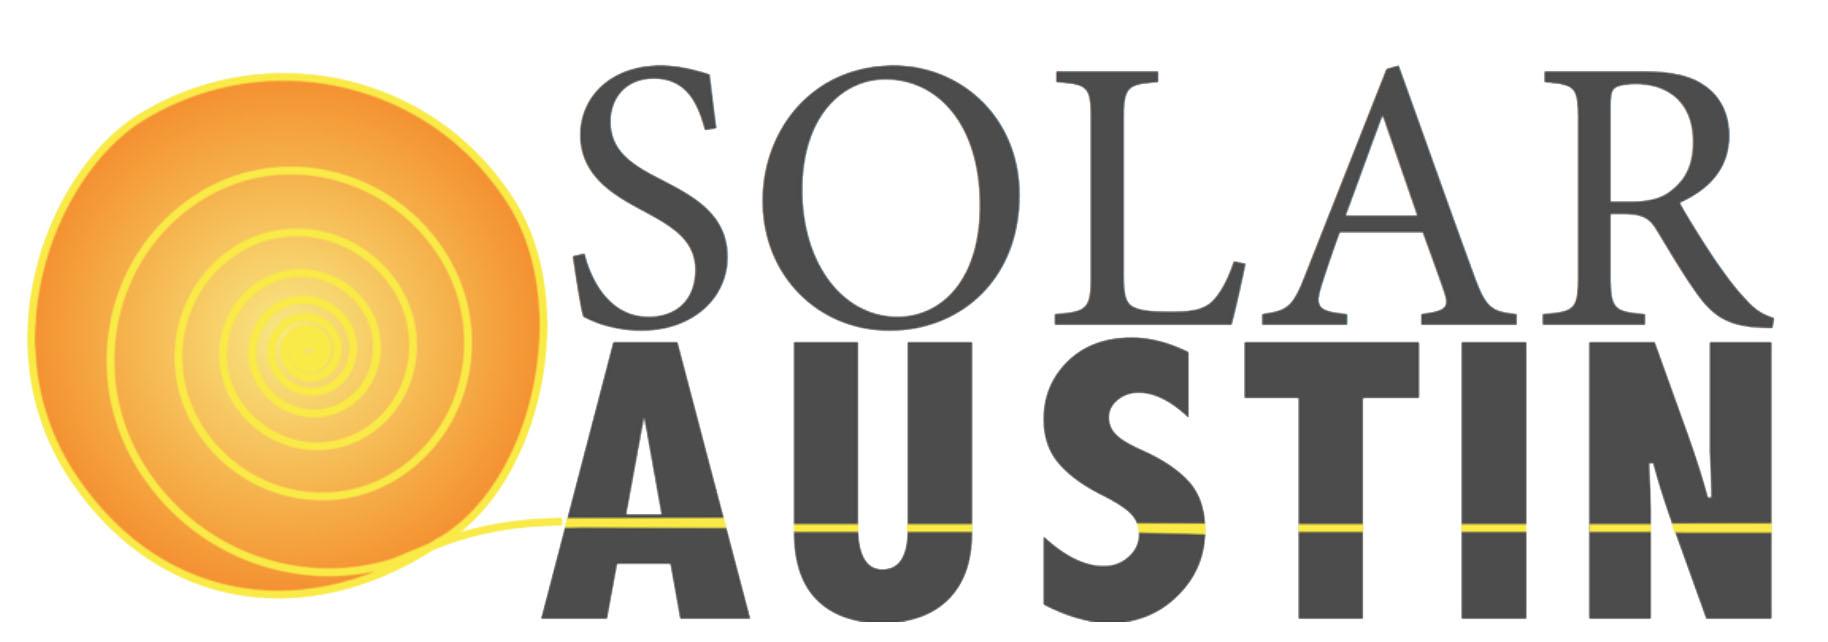 Solar Austin Logo.jpg